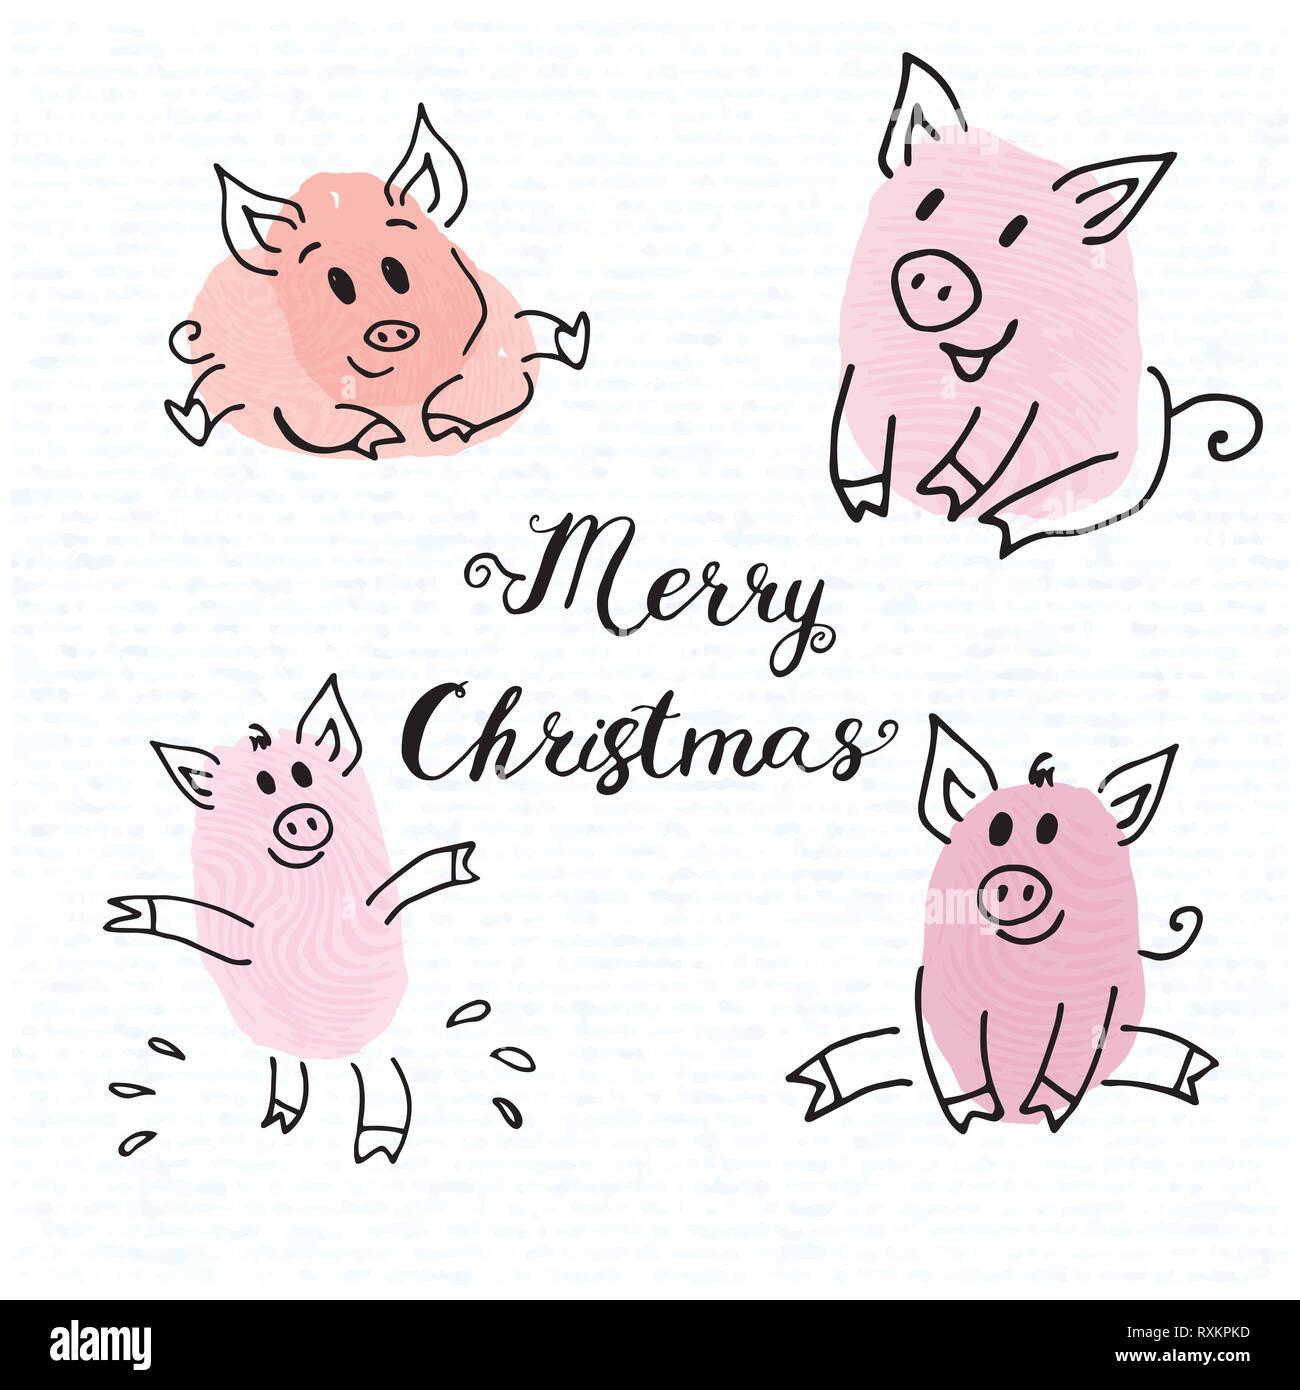 17efbb27d0 Zodiaque symbole de la nouvelle année 2019 Piggy pink fun collection de  dessins d'empreintes digitales cartes de souhaits porcelets du lettrage  Noël 2019